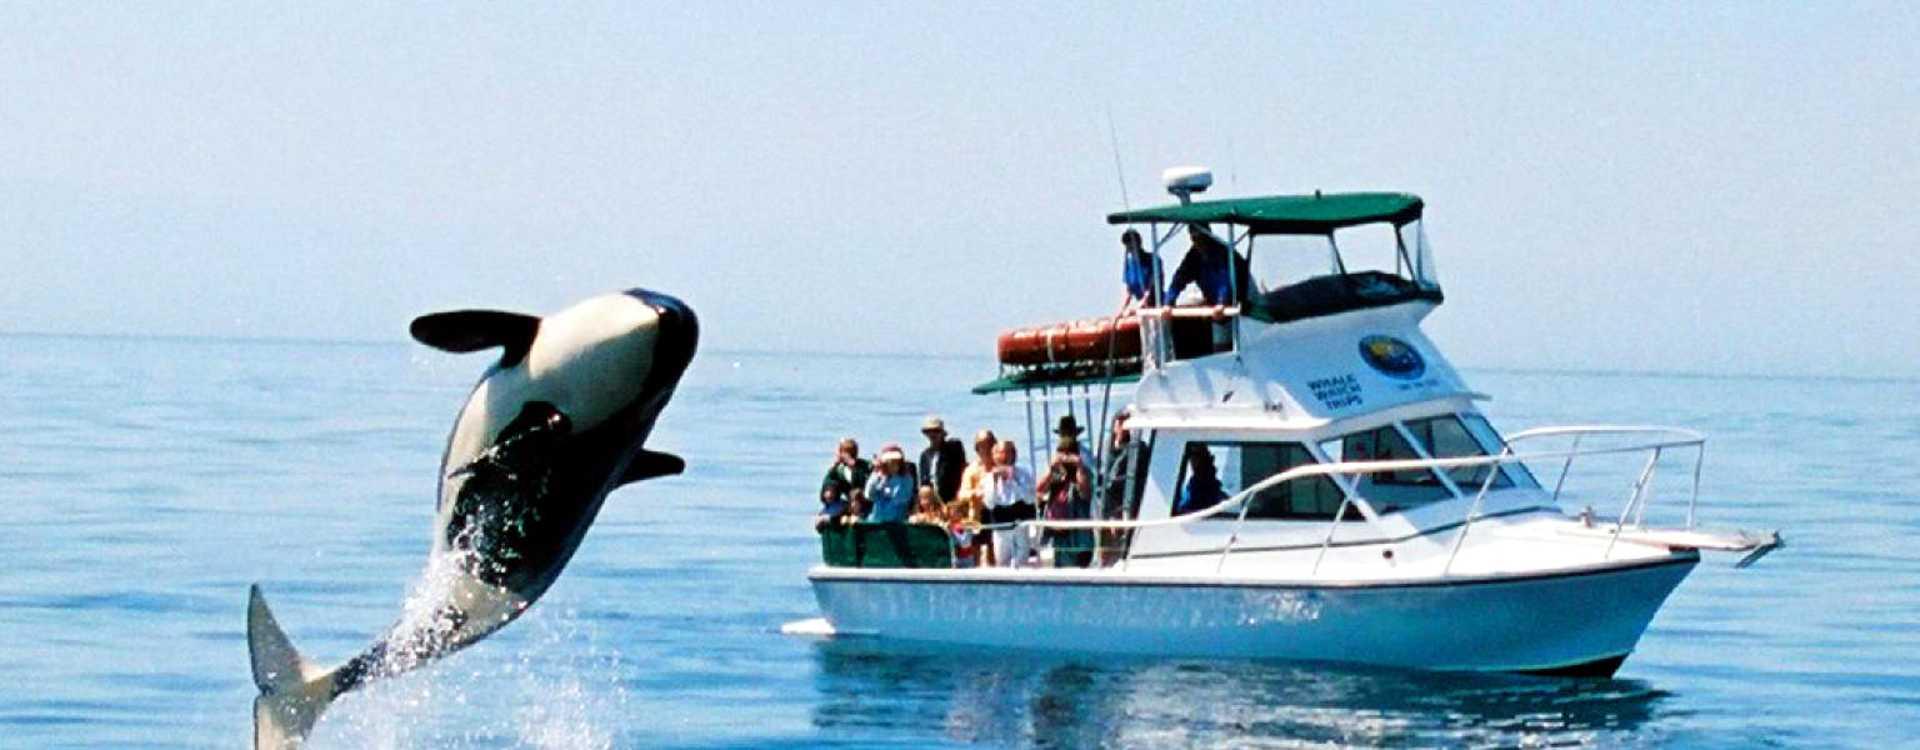 San_Juan_Safaris_Whale_Watching.jpg